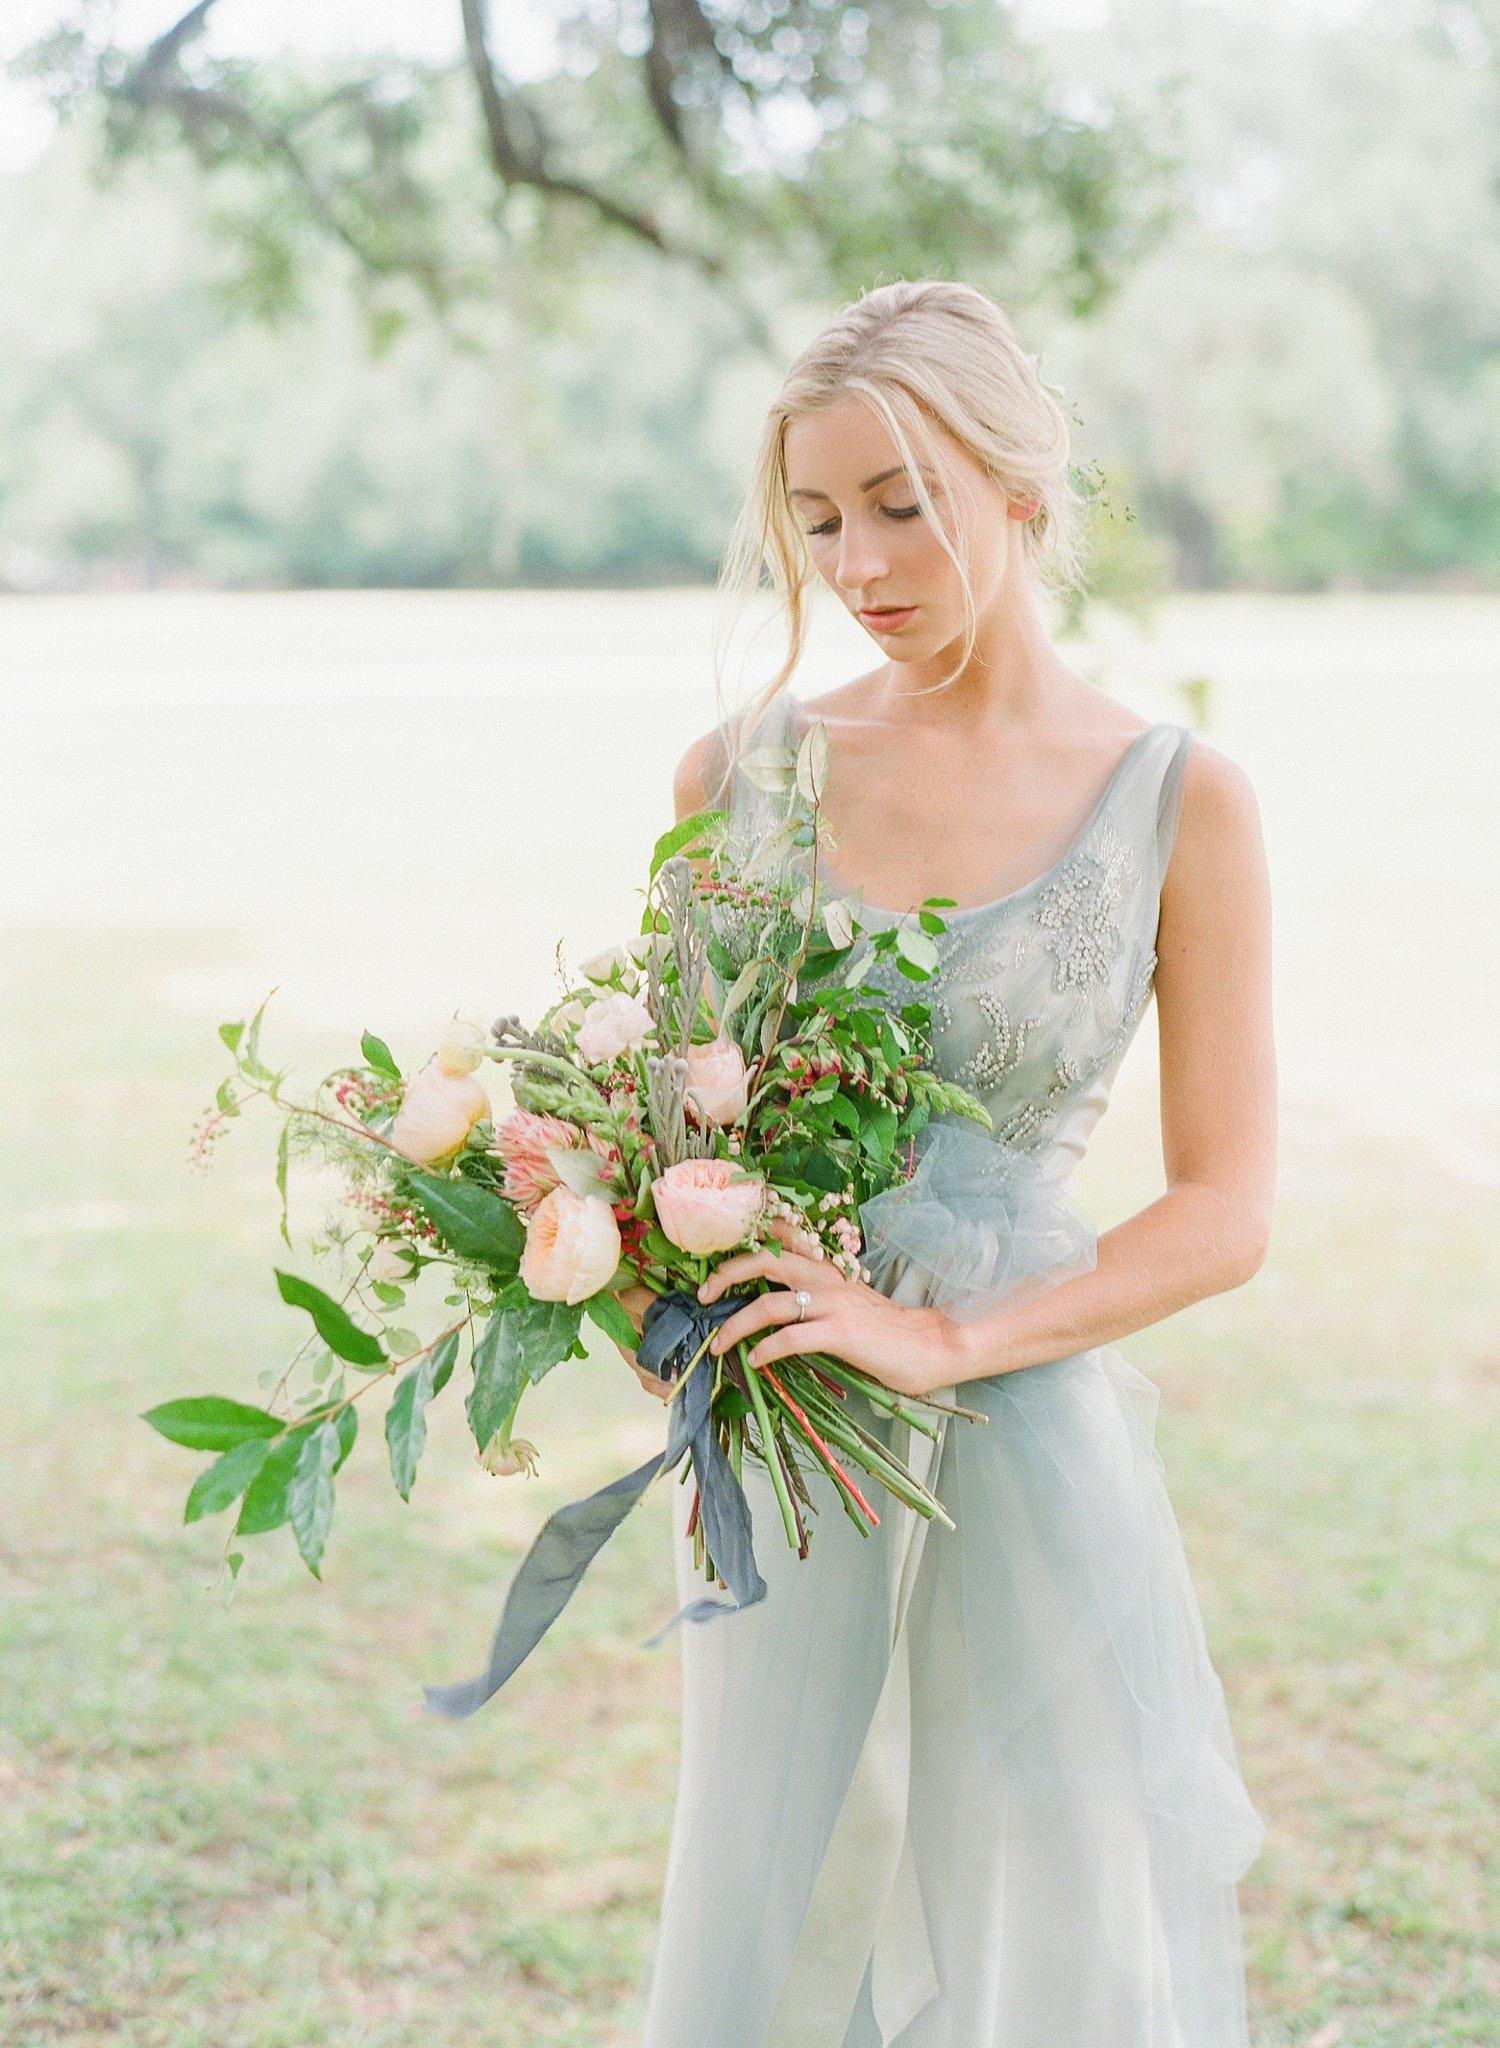 Carol Hannah Bridal Downton Gown TSOS-joyce-ko-jodimillerphoto_008.JPG